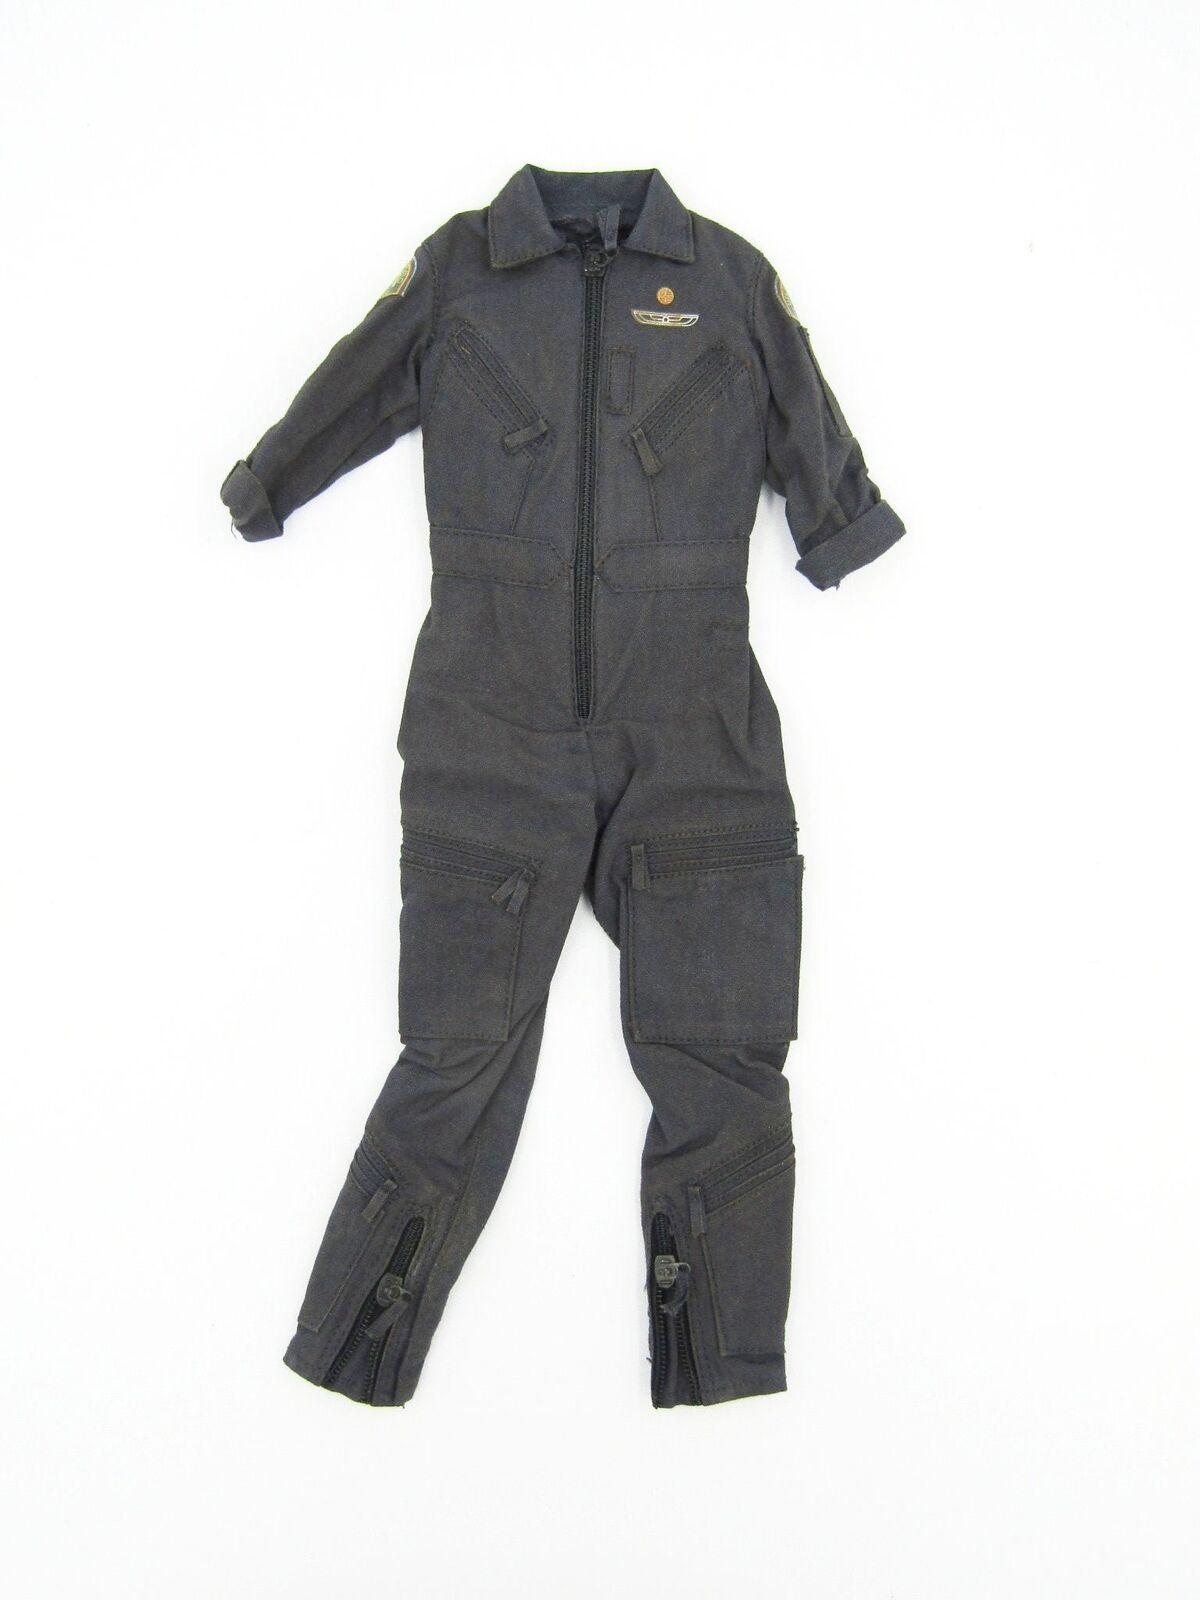 1 6 Scale Toy Alien Ellen Ripley grigio grigio grigio Bodysuit 9a6447